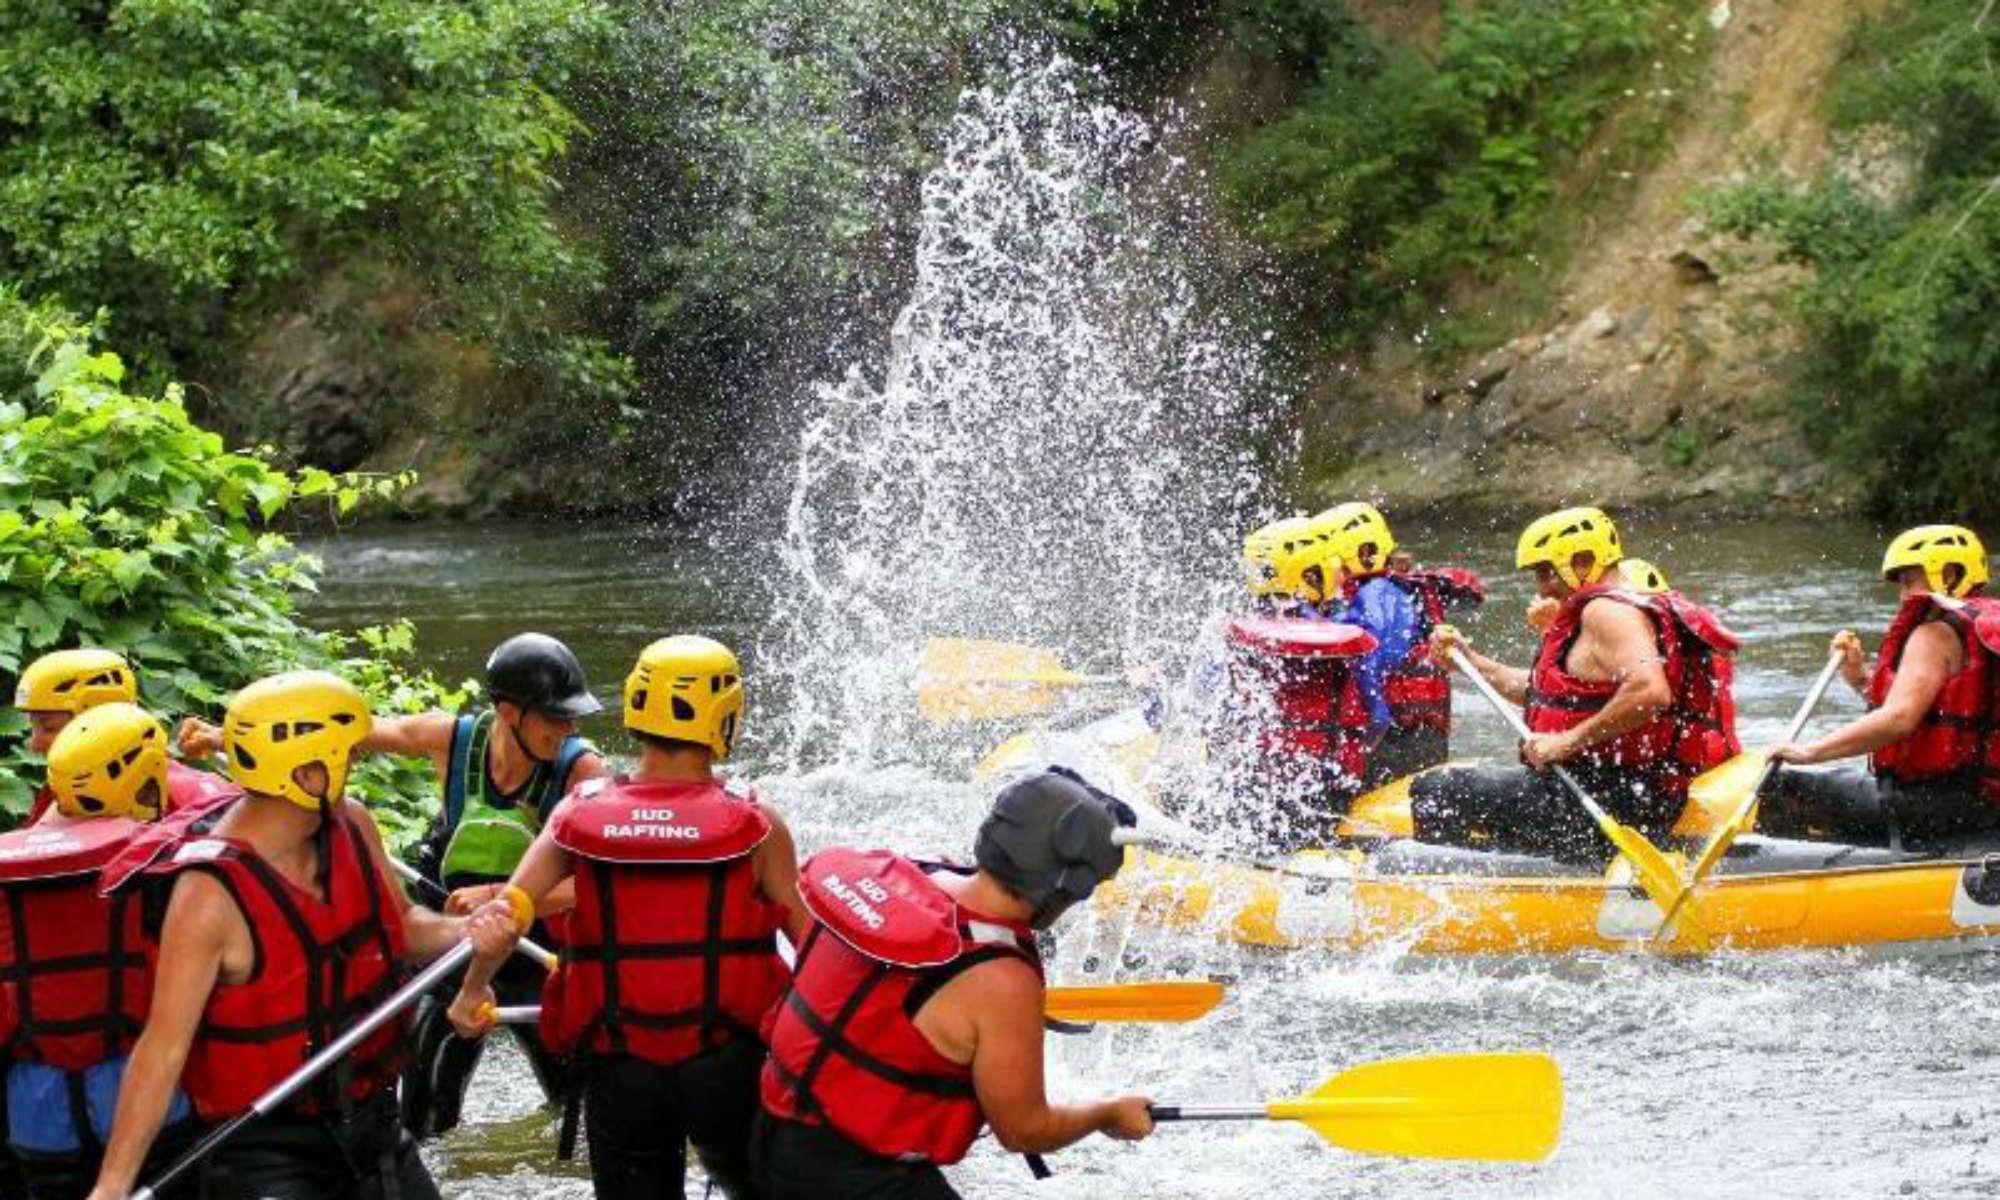 Un groupe d'amis s'amuse dans l'eau lors d'une activité de rafting dans les Pyrénées.